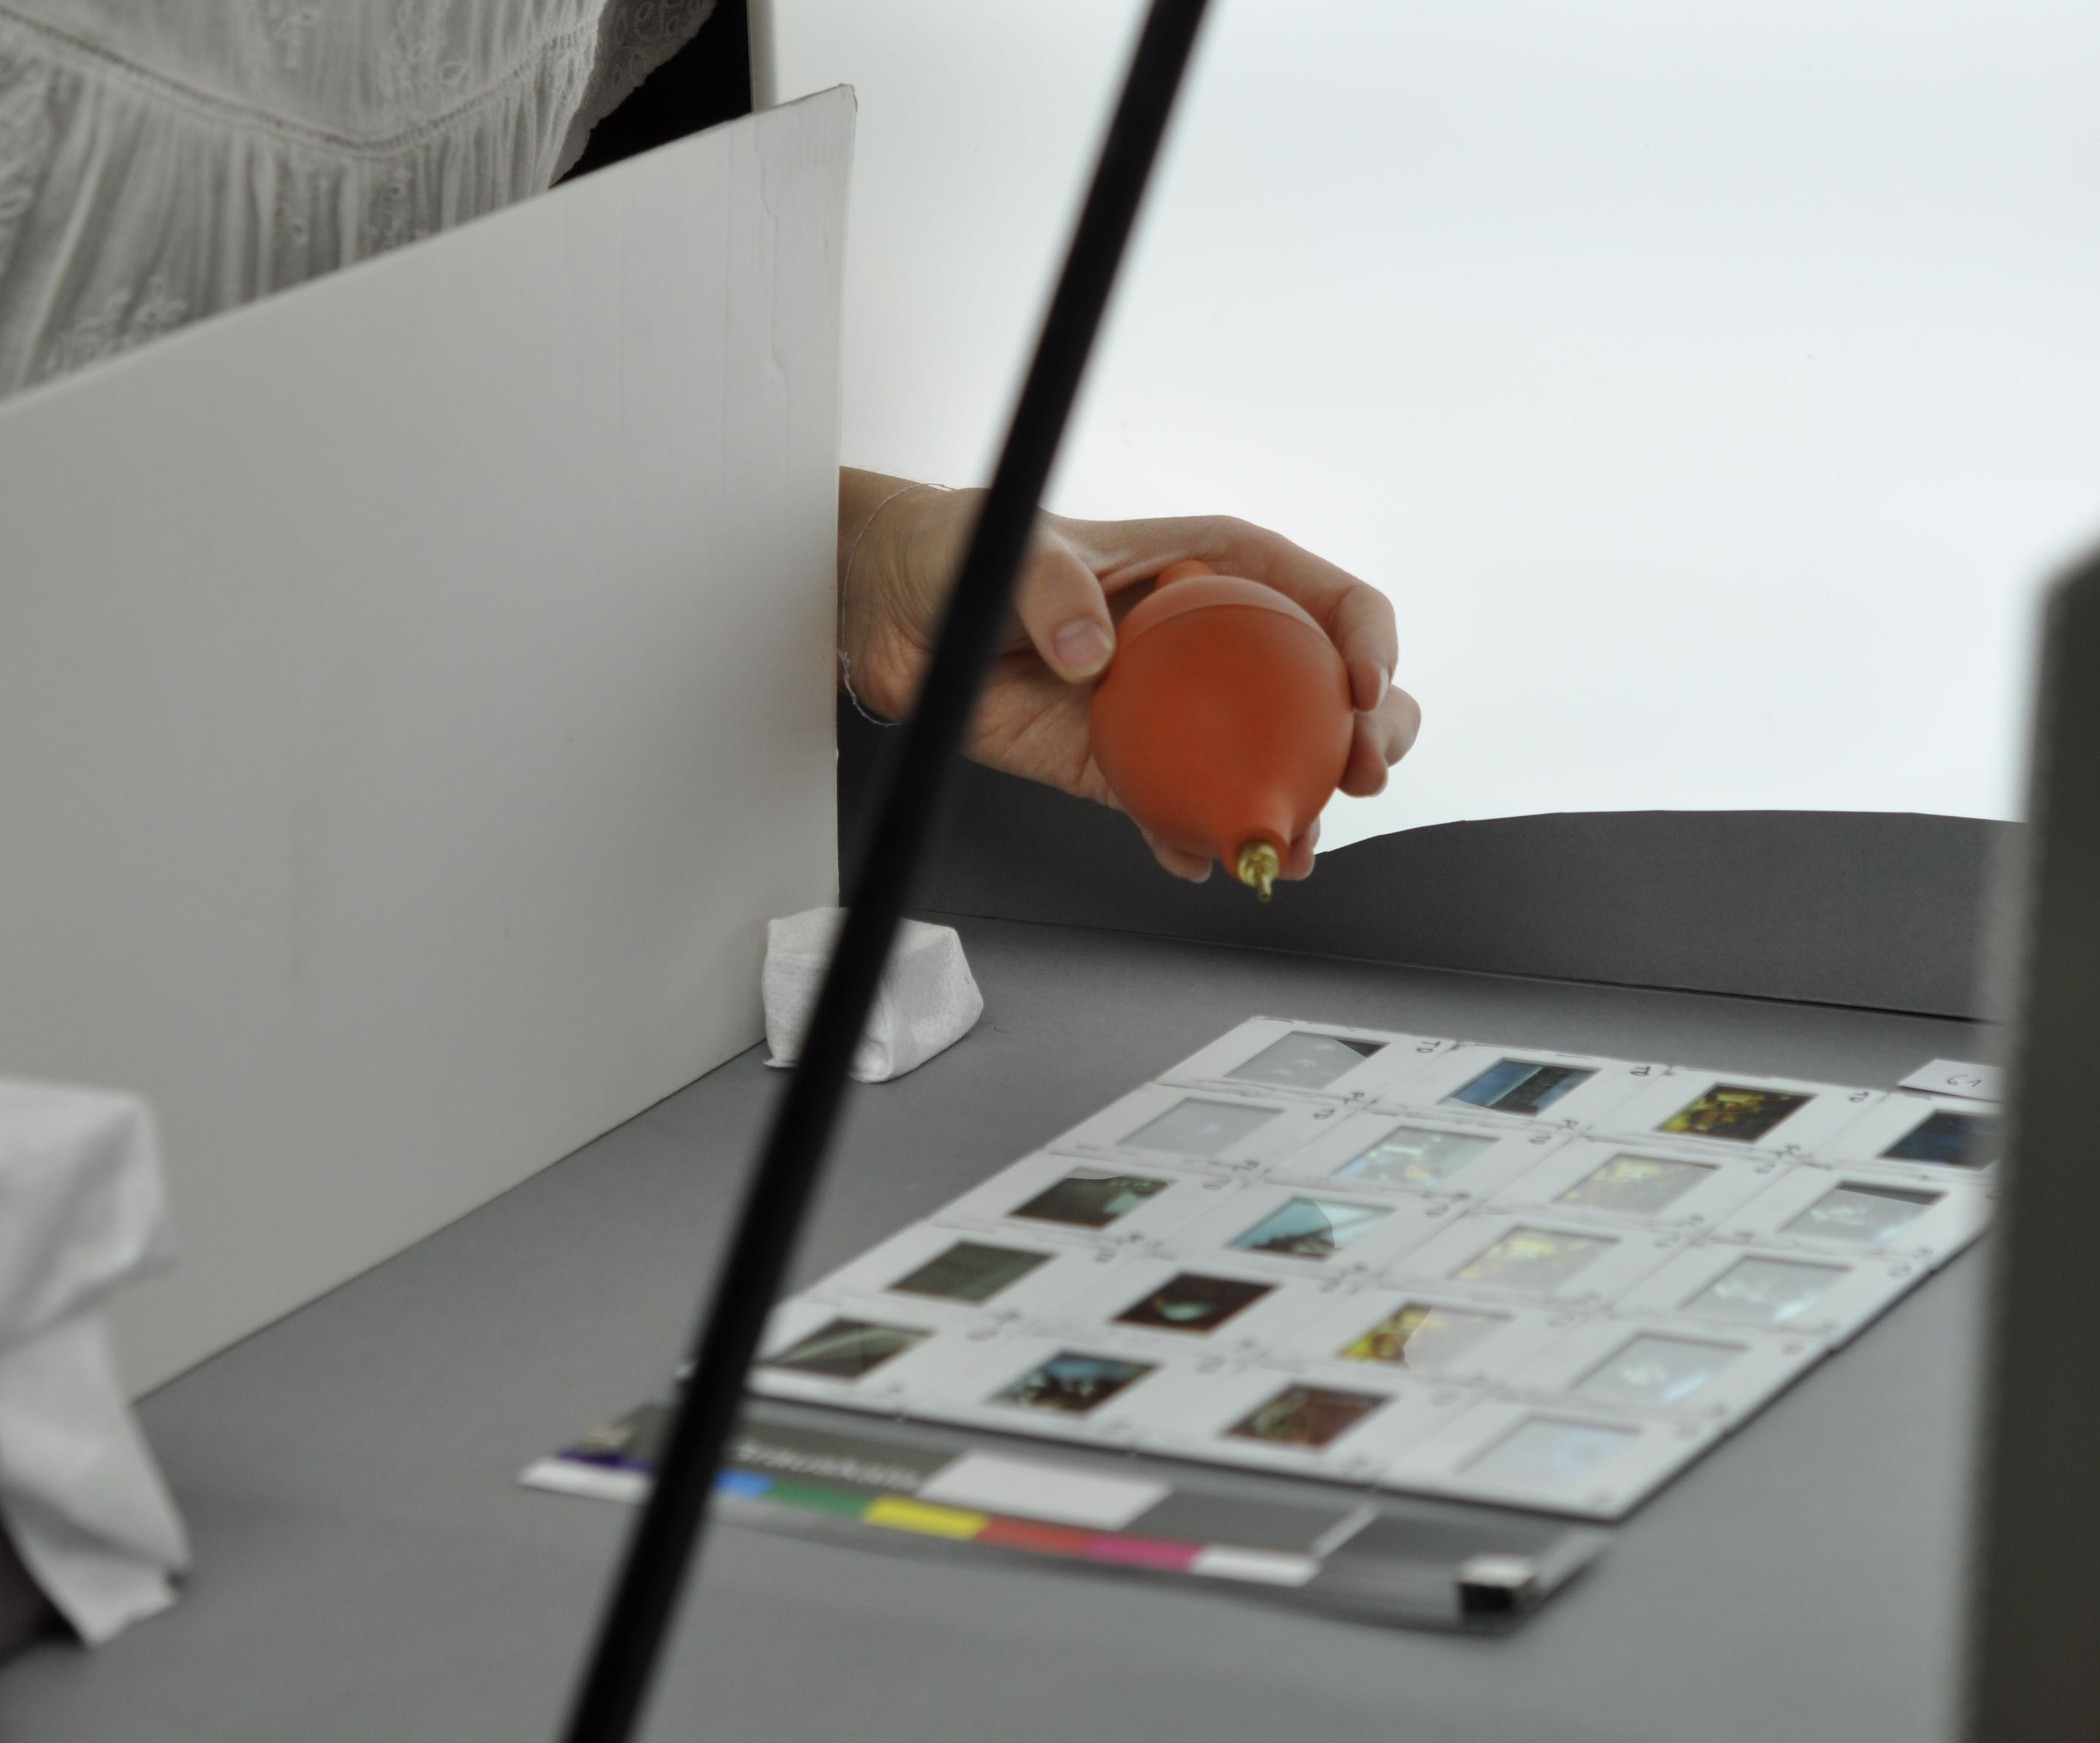 Lisa Herold, Restauratorin in Ausbildung, dokumentiert die Dia-Kunstwerke der Hamburger Kunsthalle. © Hamburger Kunsthalle. Foto: Claartje van Haaften